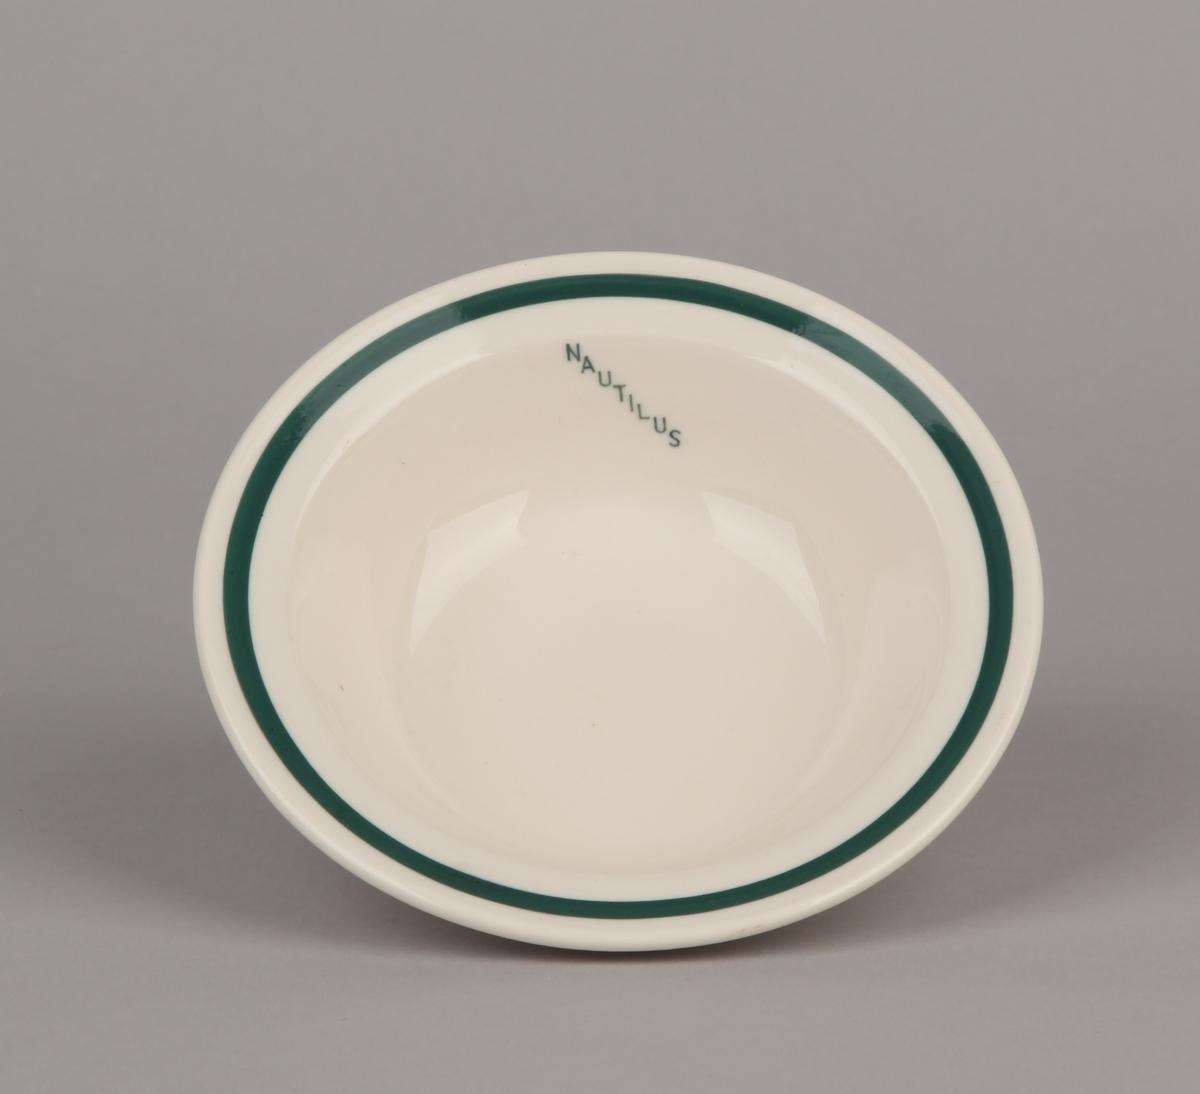 Liten porselens suppeskål med tekst NAUTILUS.